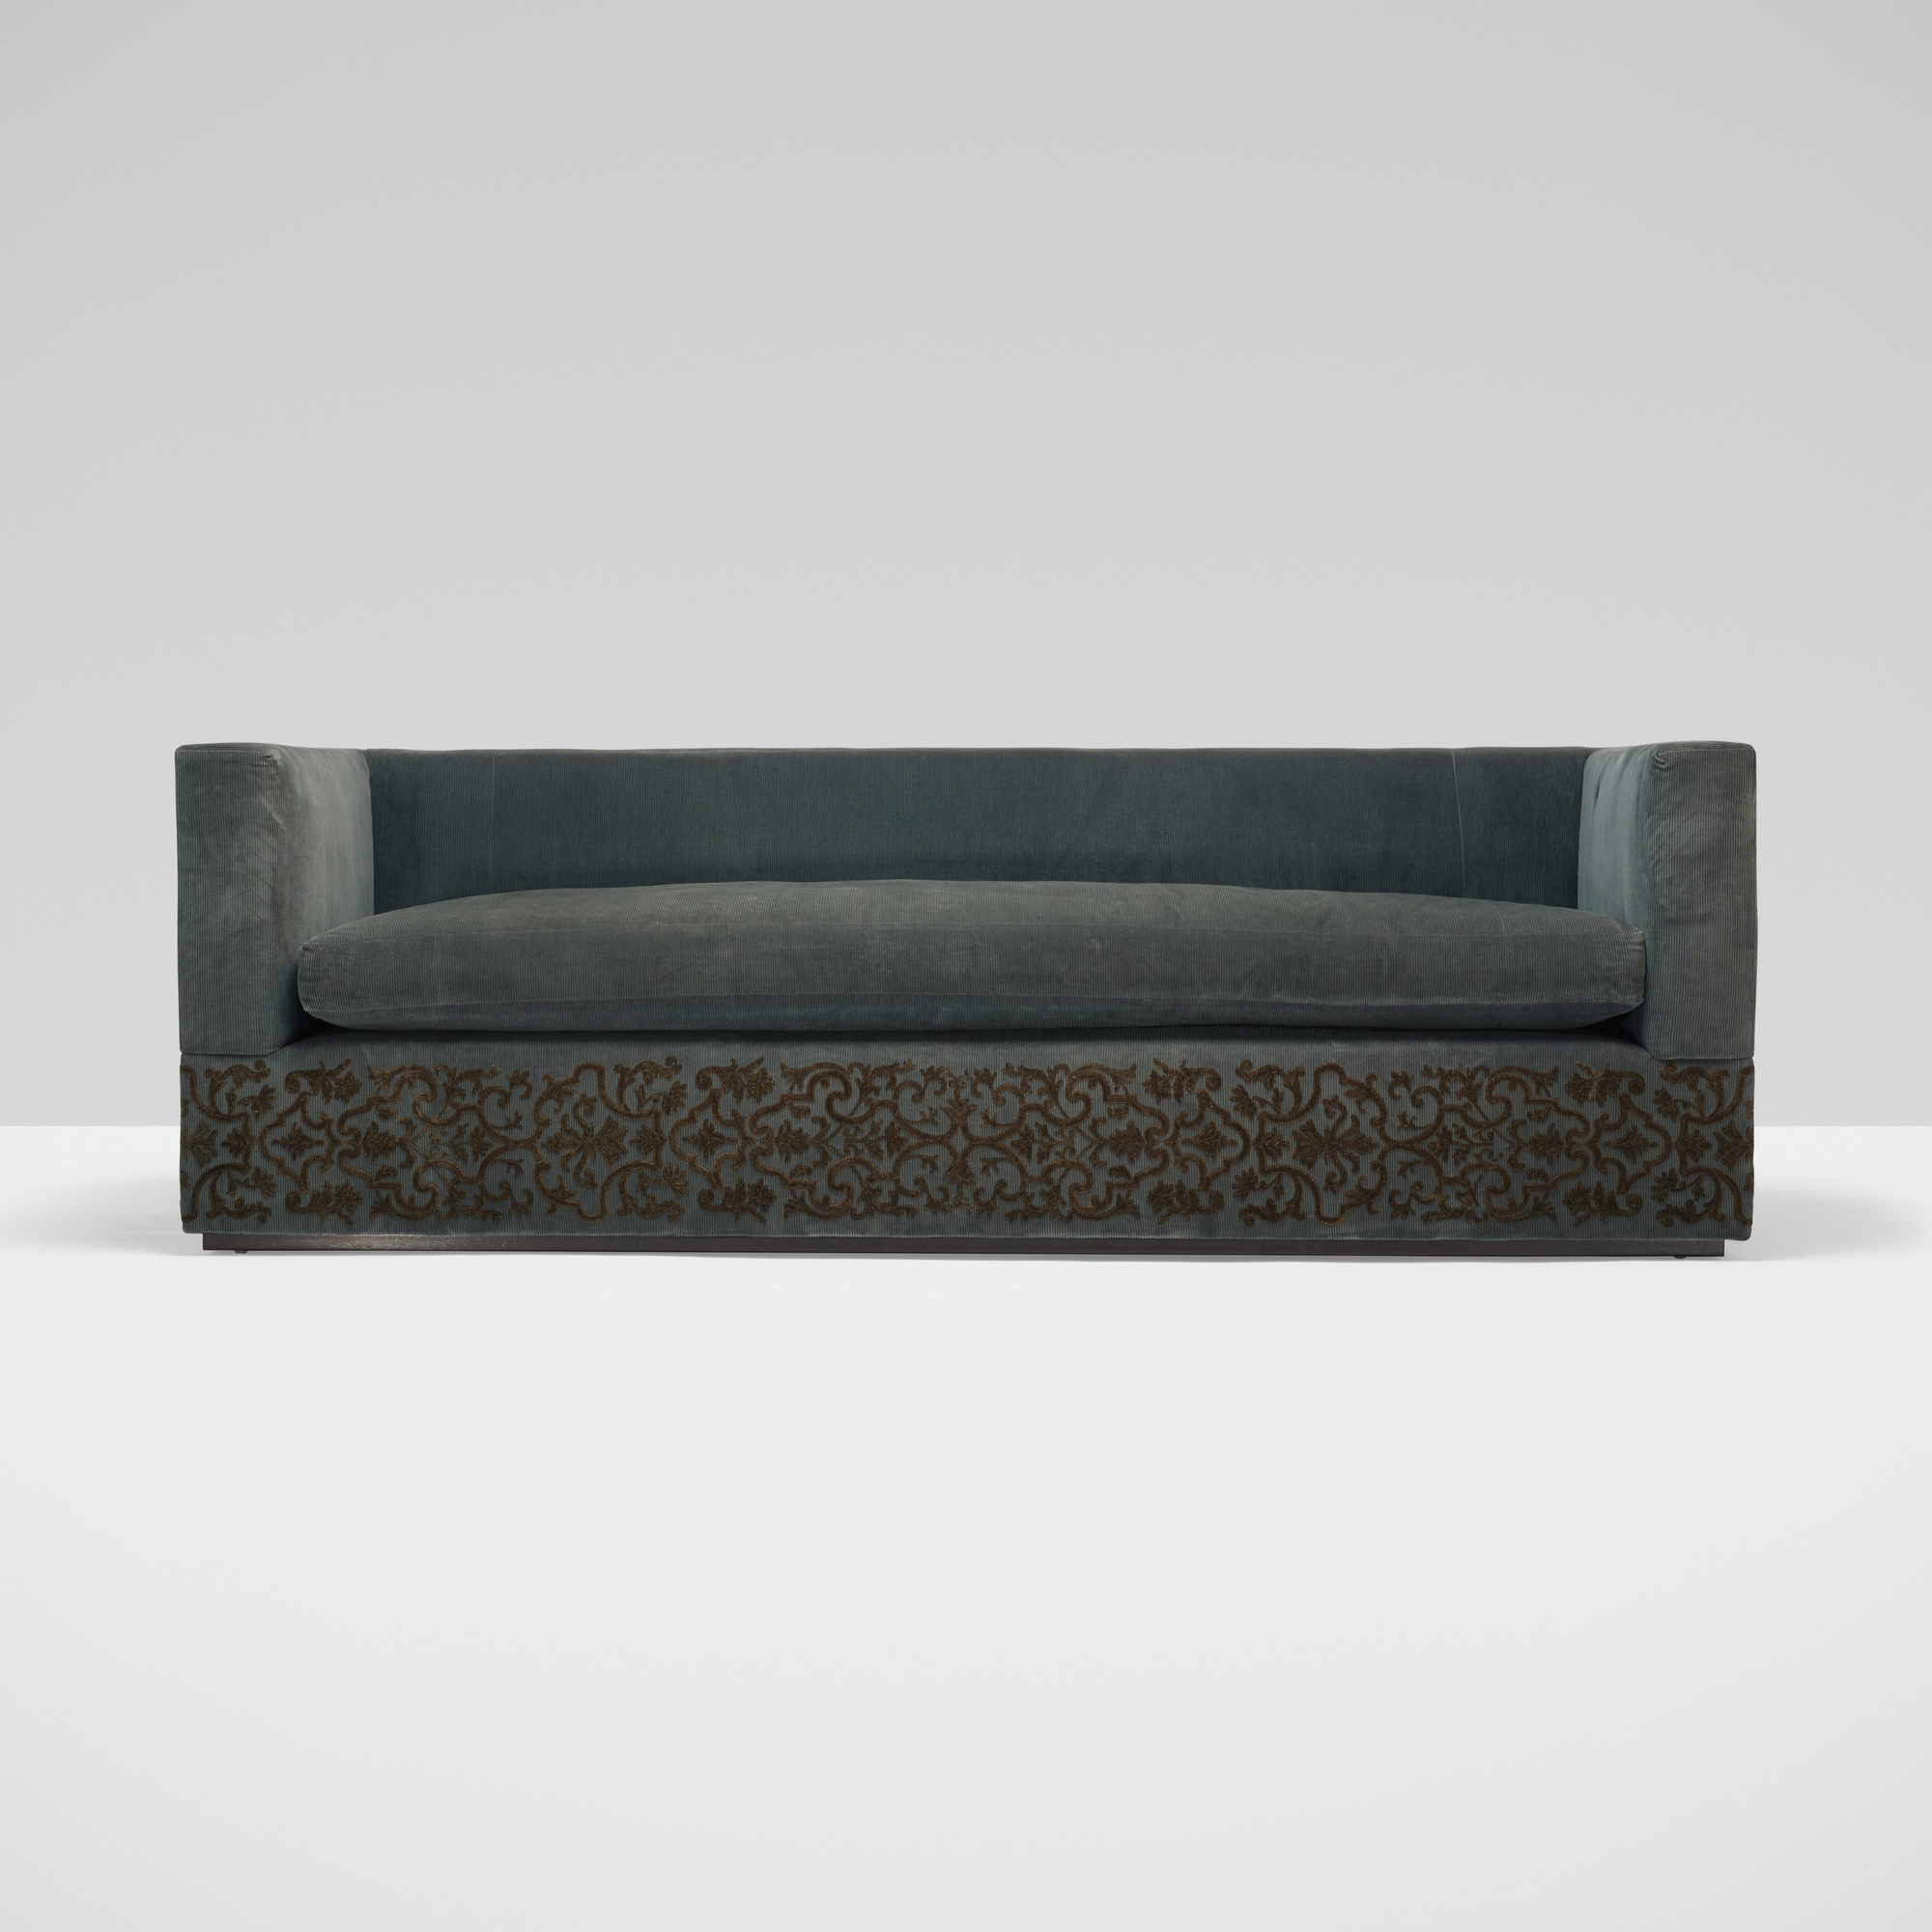 259: Muriel Brandolini / custom Gwathmey sofa (1 of 2)